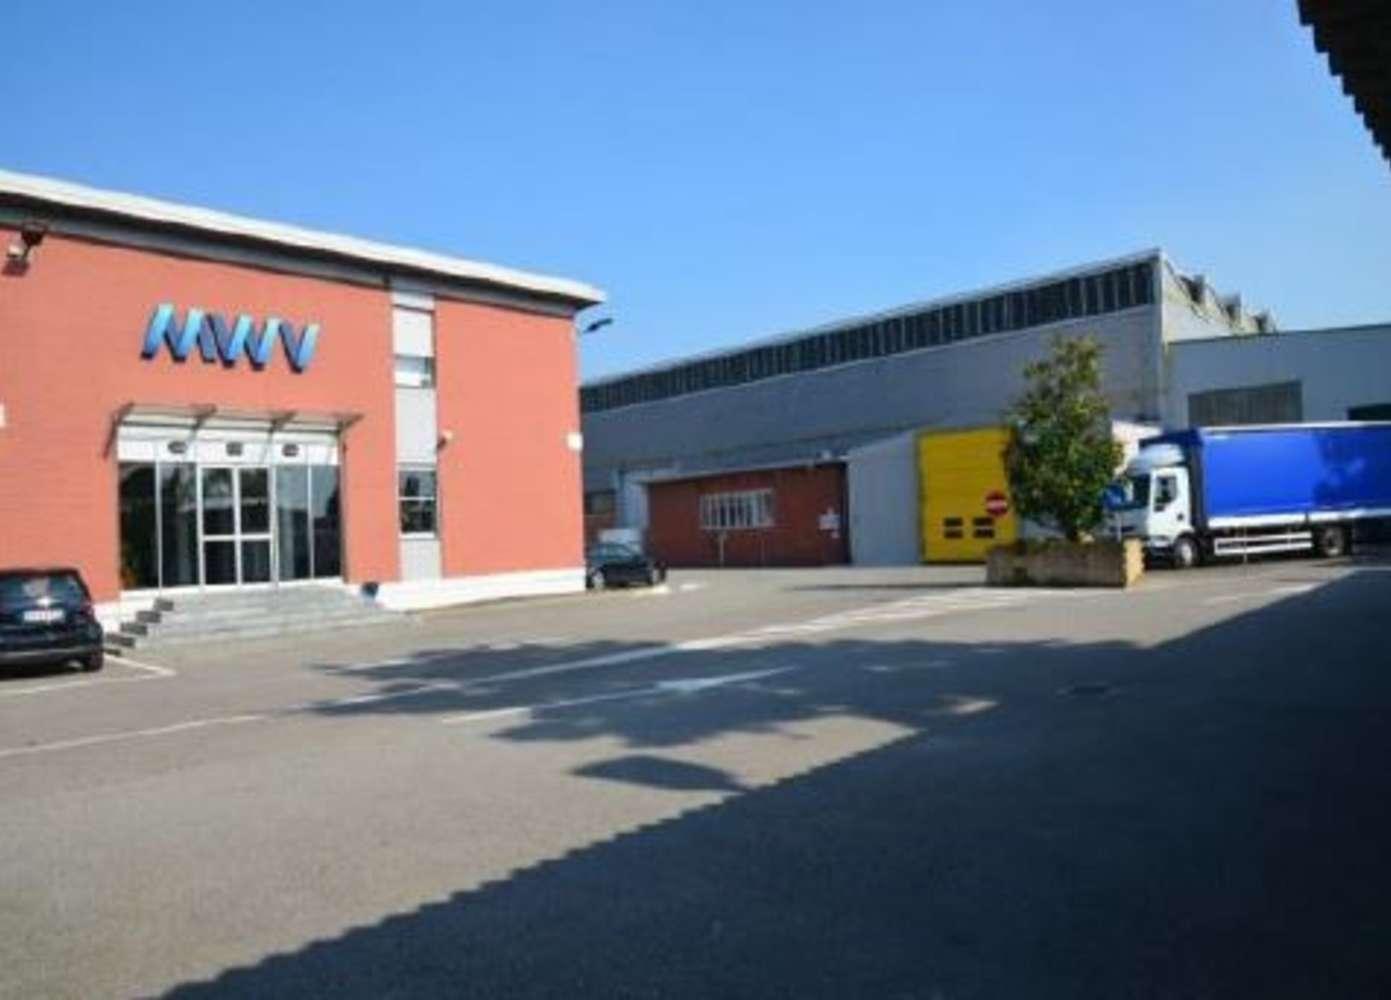 Magazzini industriali e logistici Pieve emanuele, 20090 - Pieve Emanuele - Via di Vittorio - 9491703